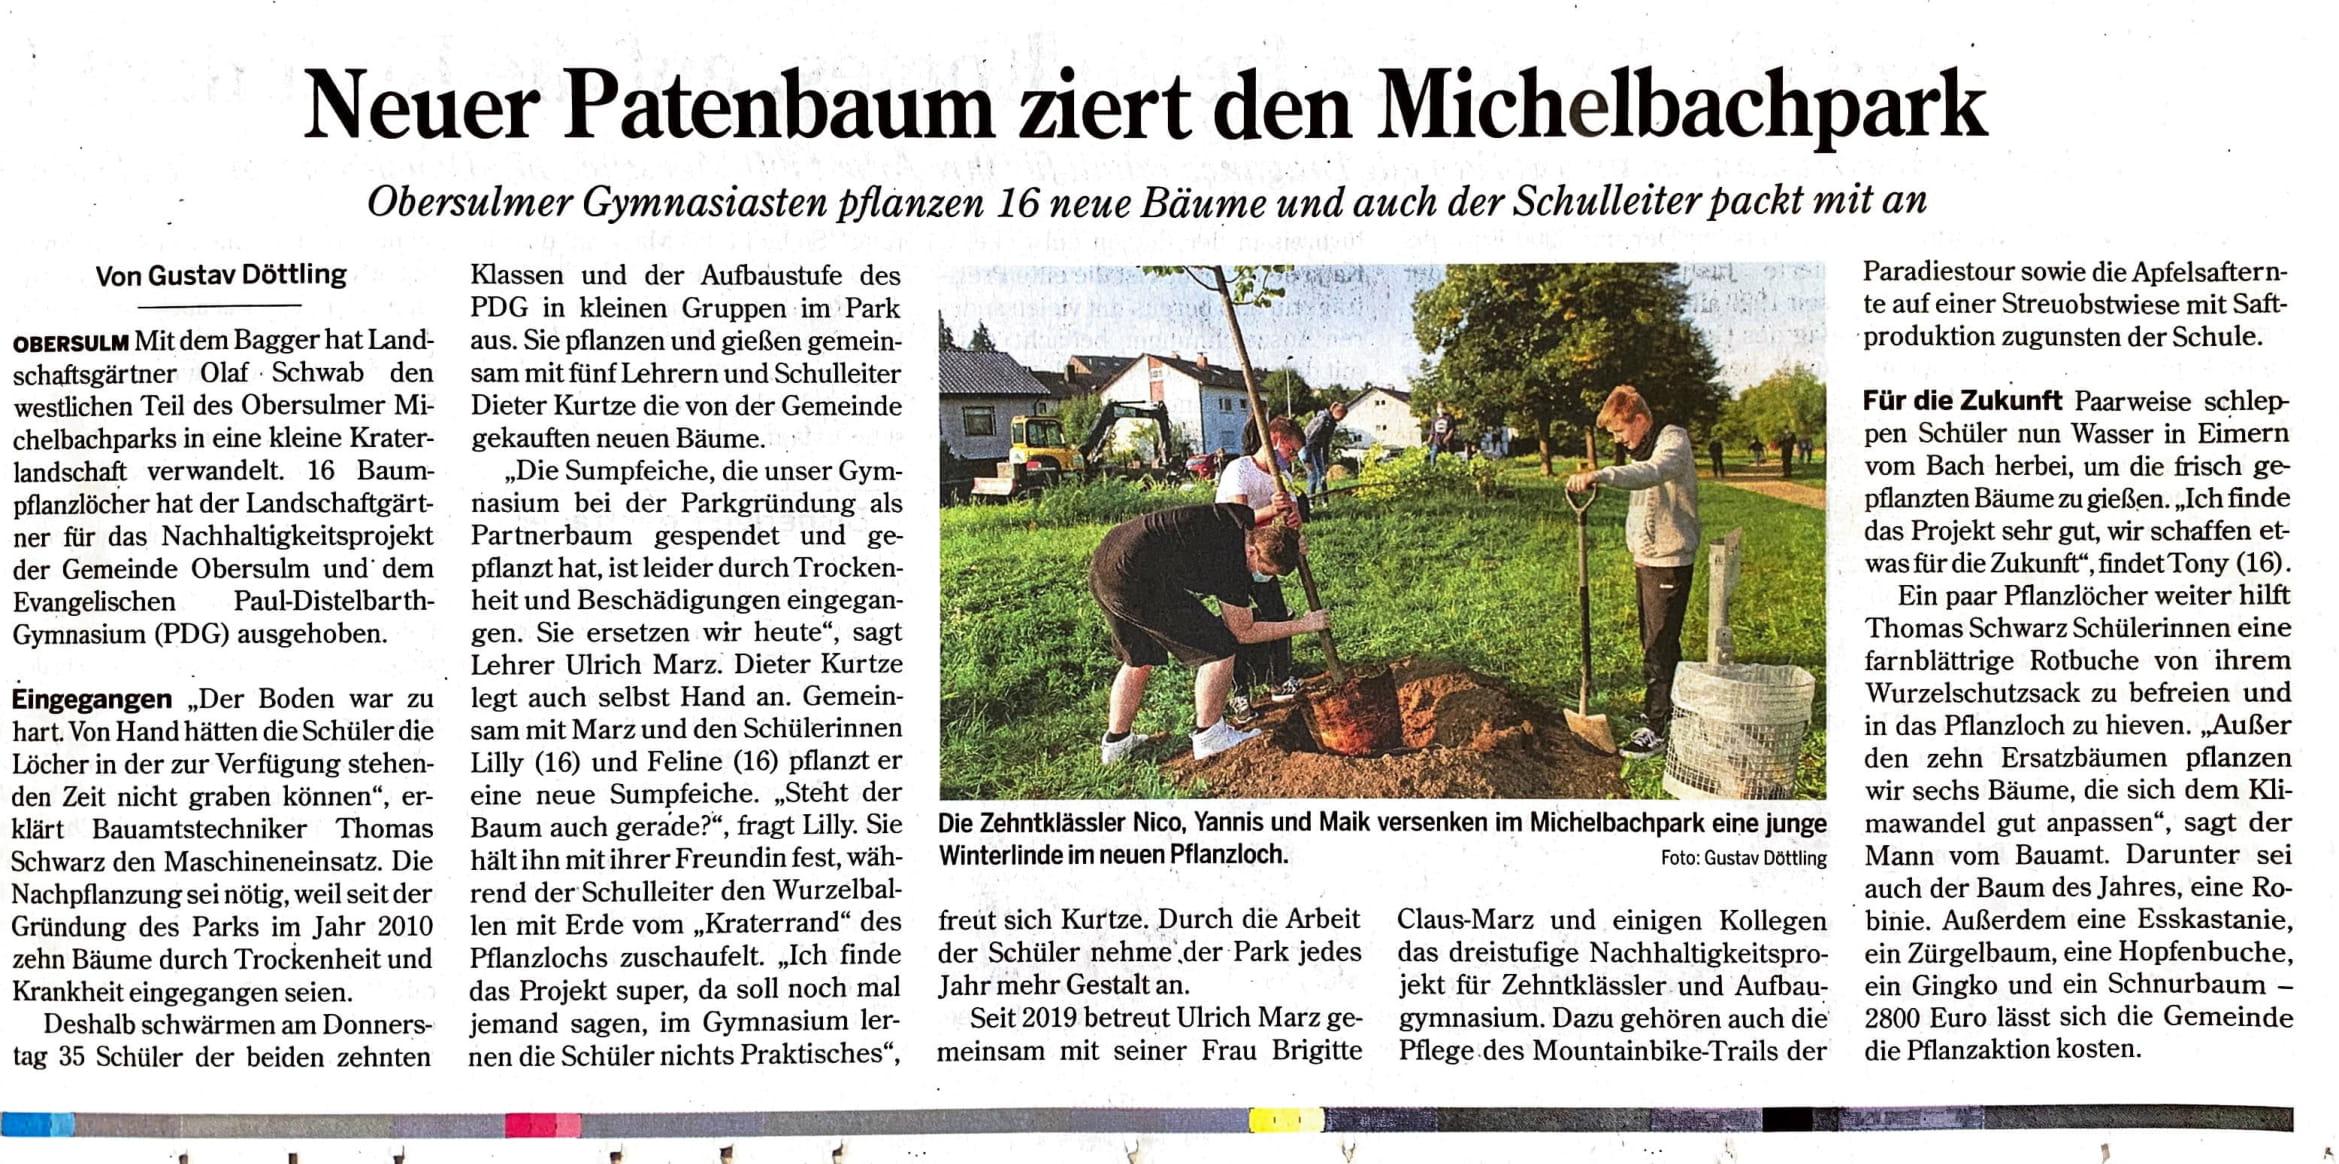 baumpflanzen-michelbachpark-2020-ev-pdg-obersulm--1